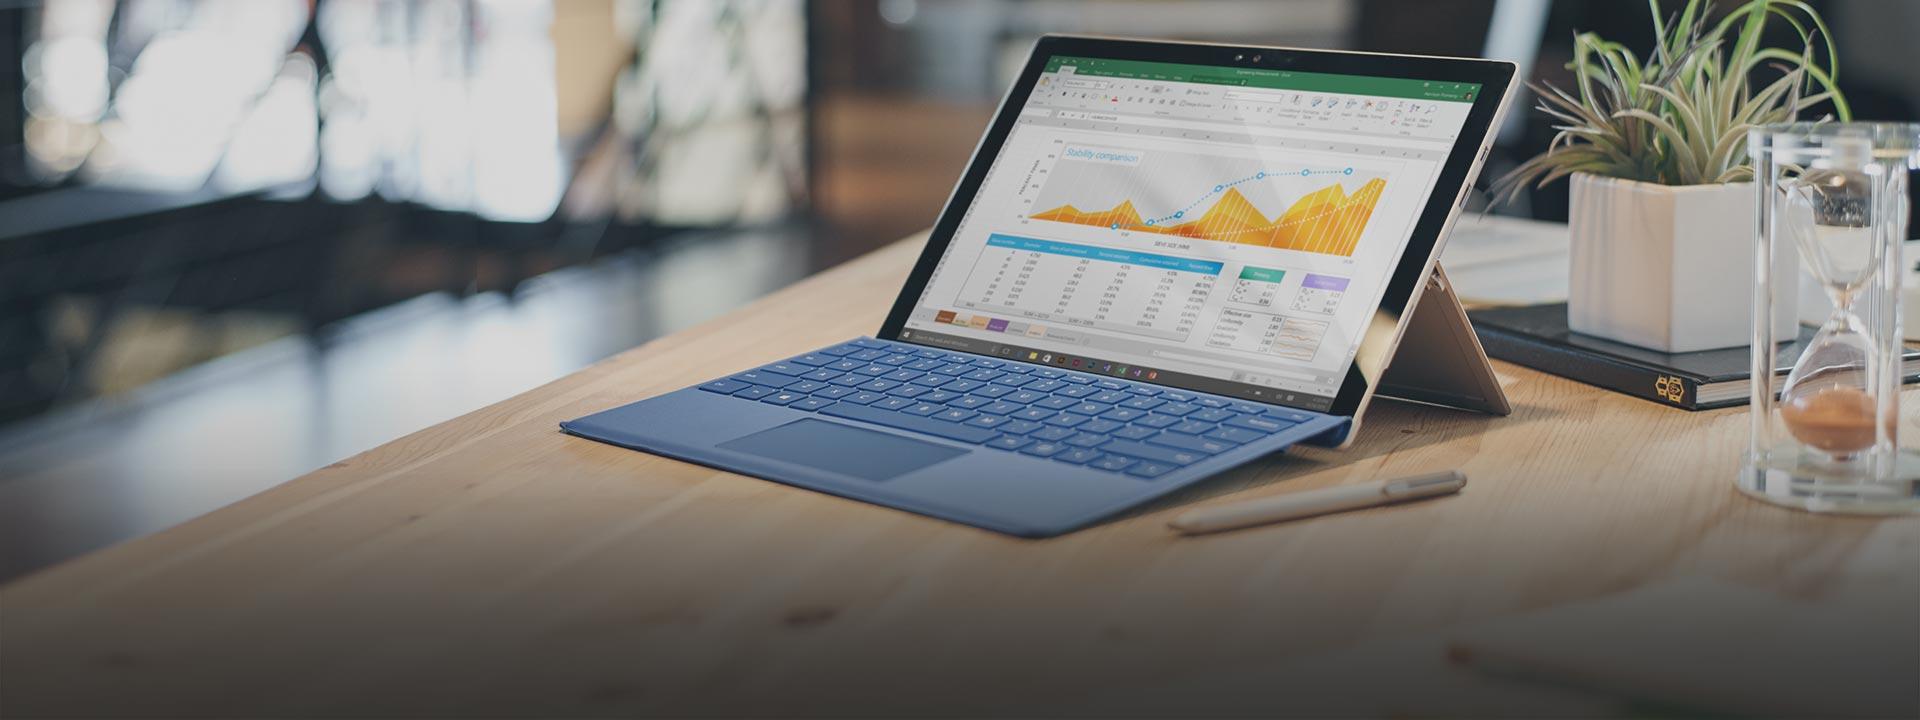 Surface Pro 4, scopri di più